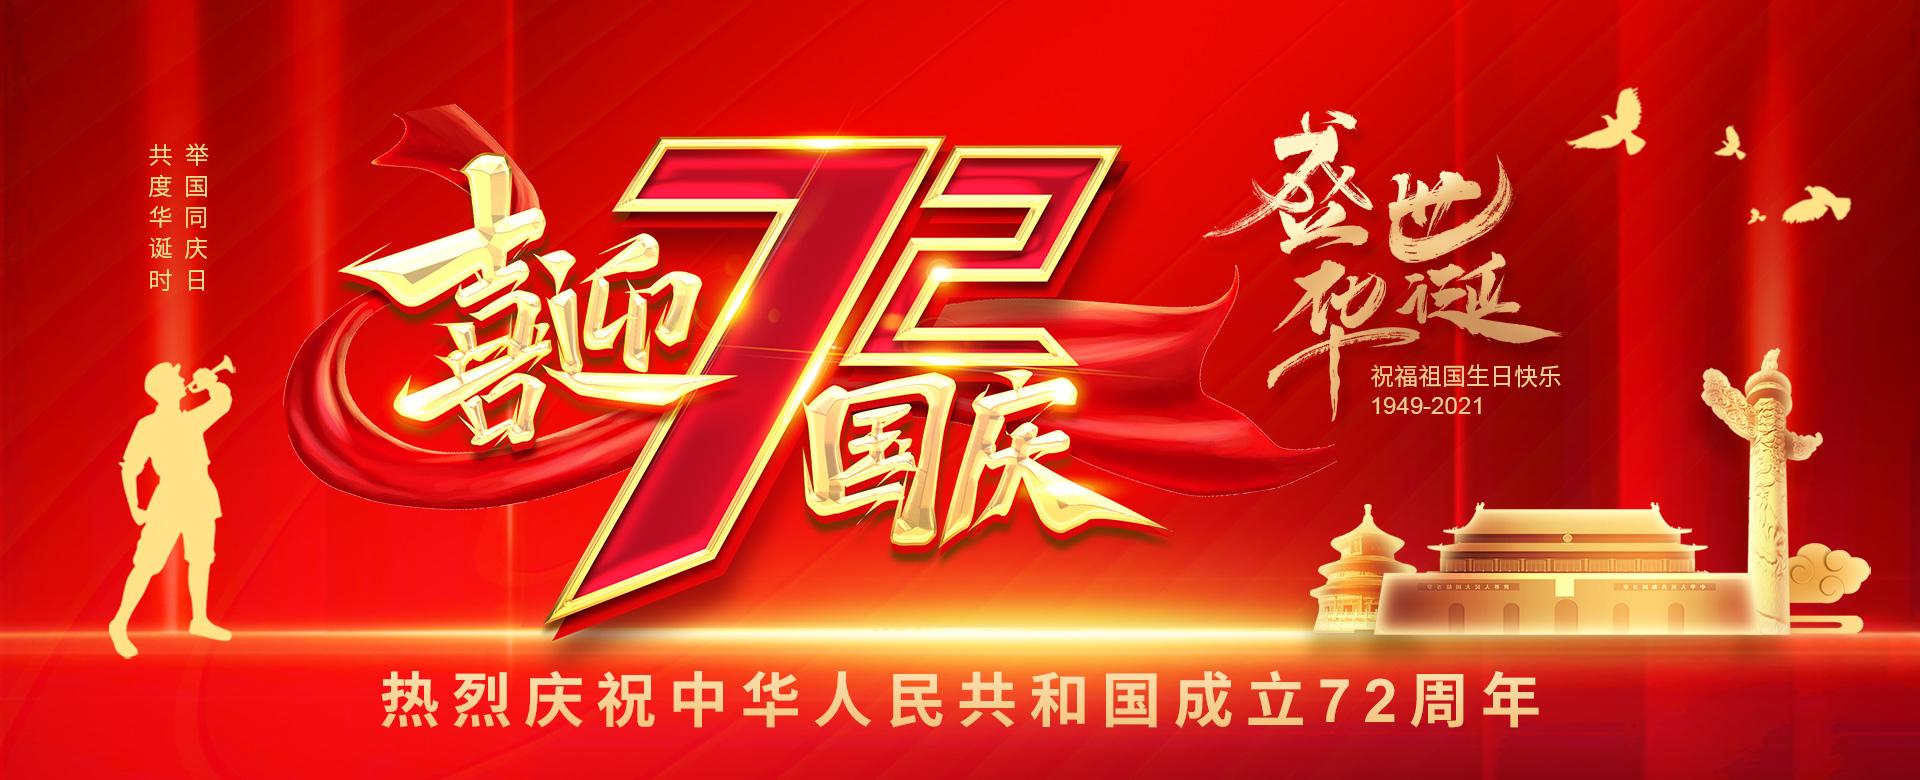 新锐集团2021国庆banner